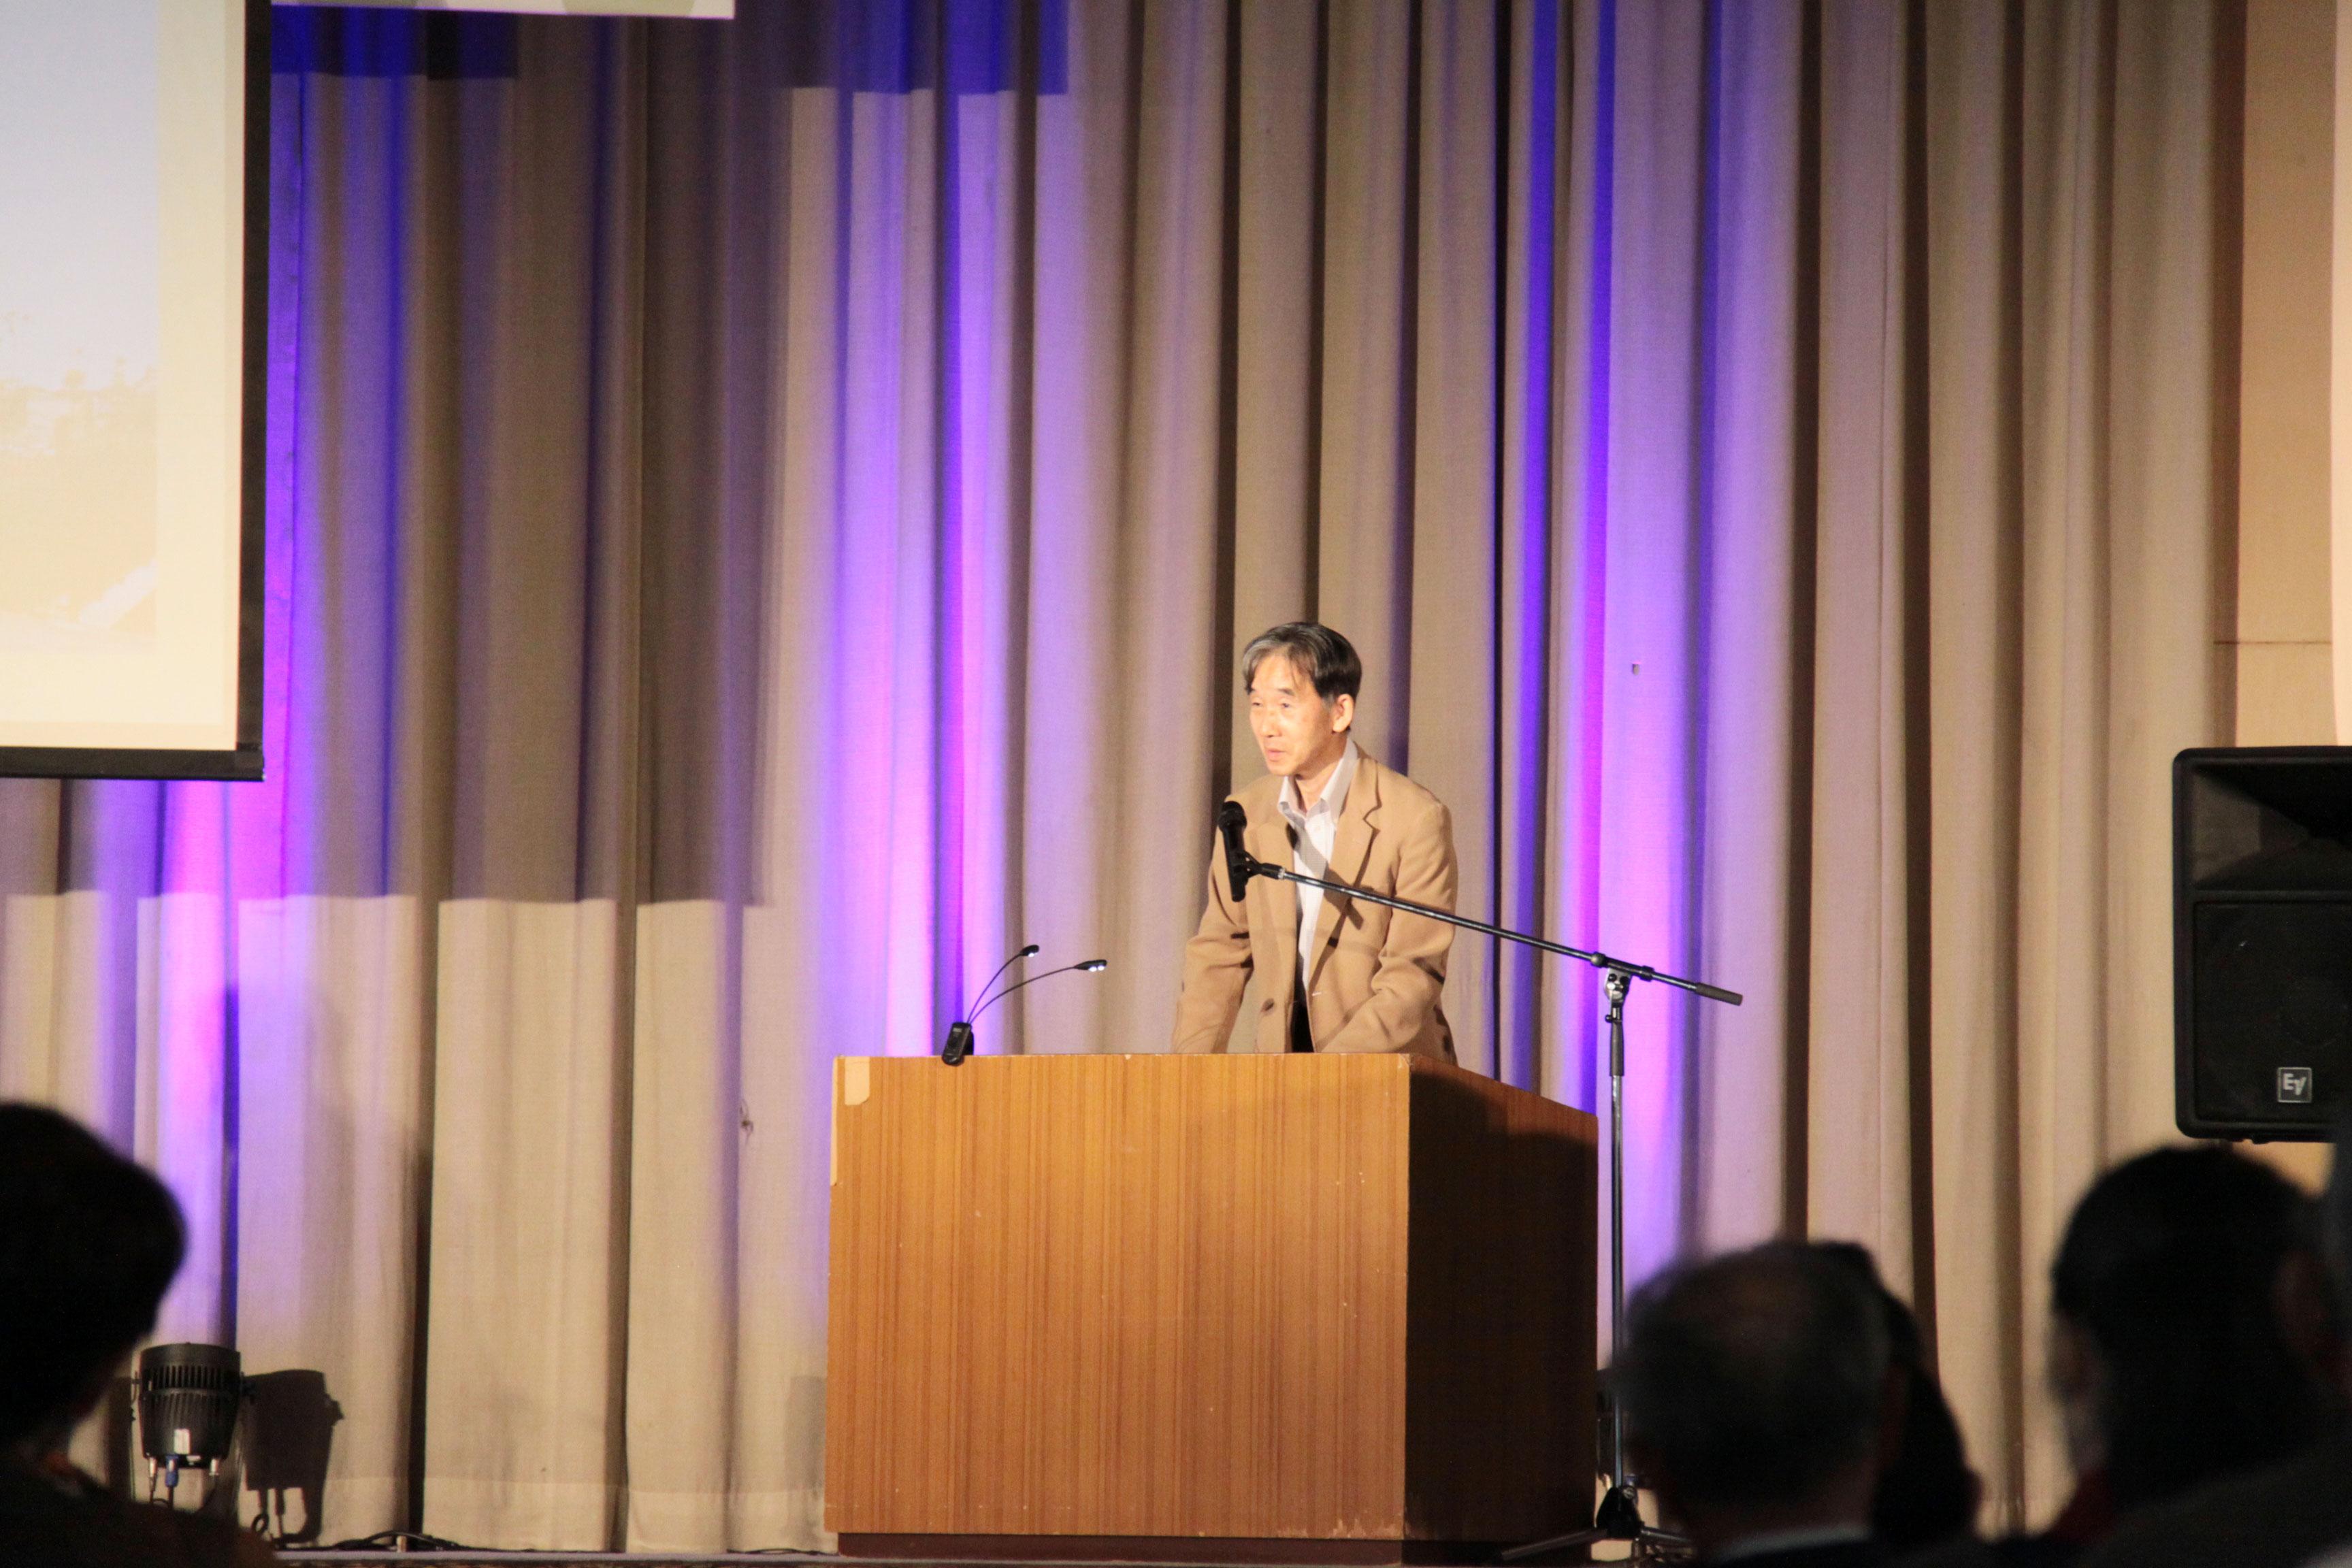 津田隆志病院長記念講演「新潟医療生協 木戸病院のめざす医療について- 木戸病院物語」